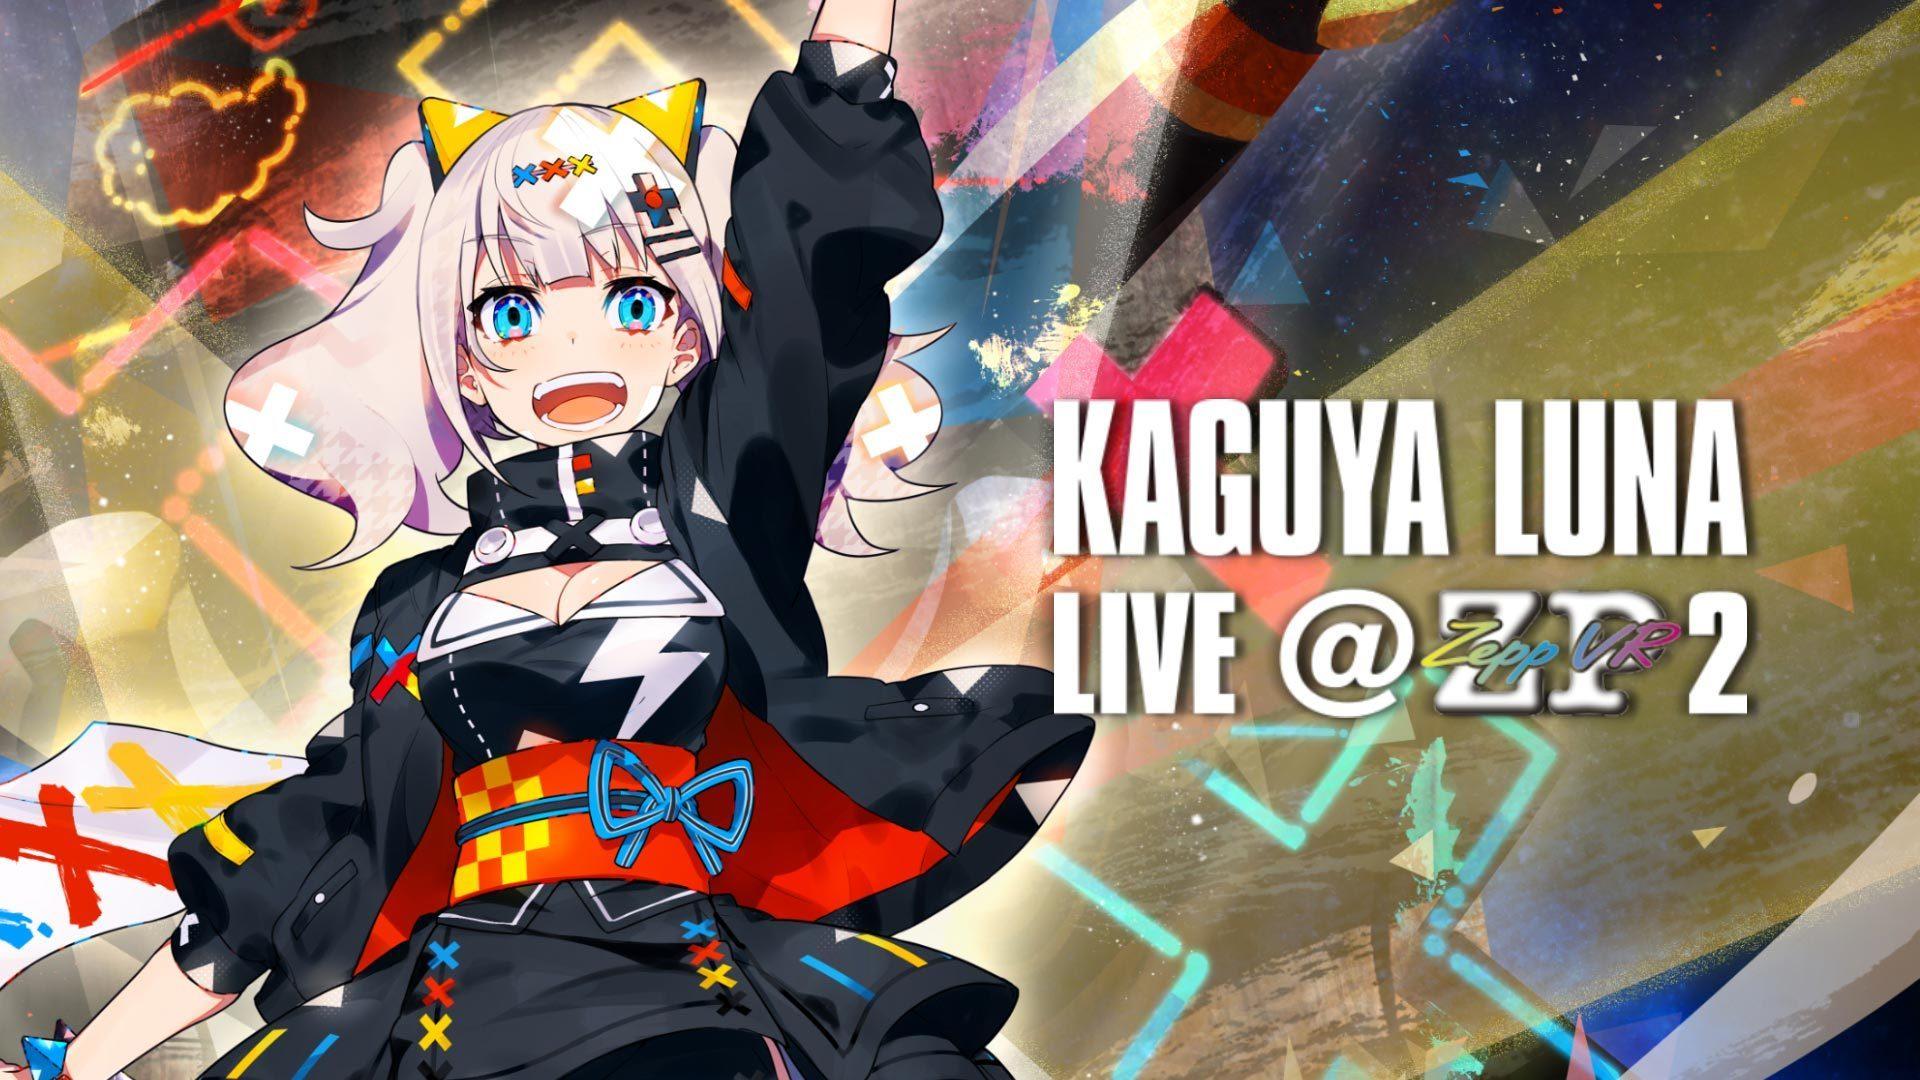 「輝夜 月 LIVE@ZeppVR2」 (C)KAGUYA LUNA / Sony Music Labels Inc. Character Designed by Mika Pikazo